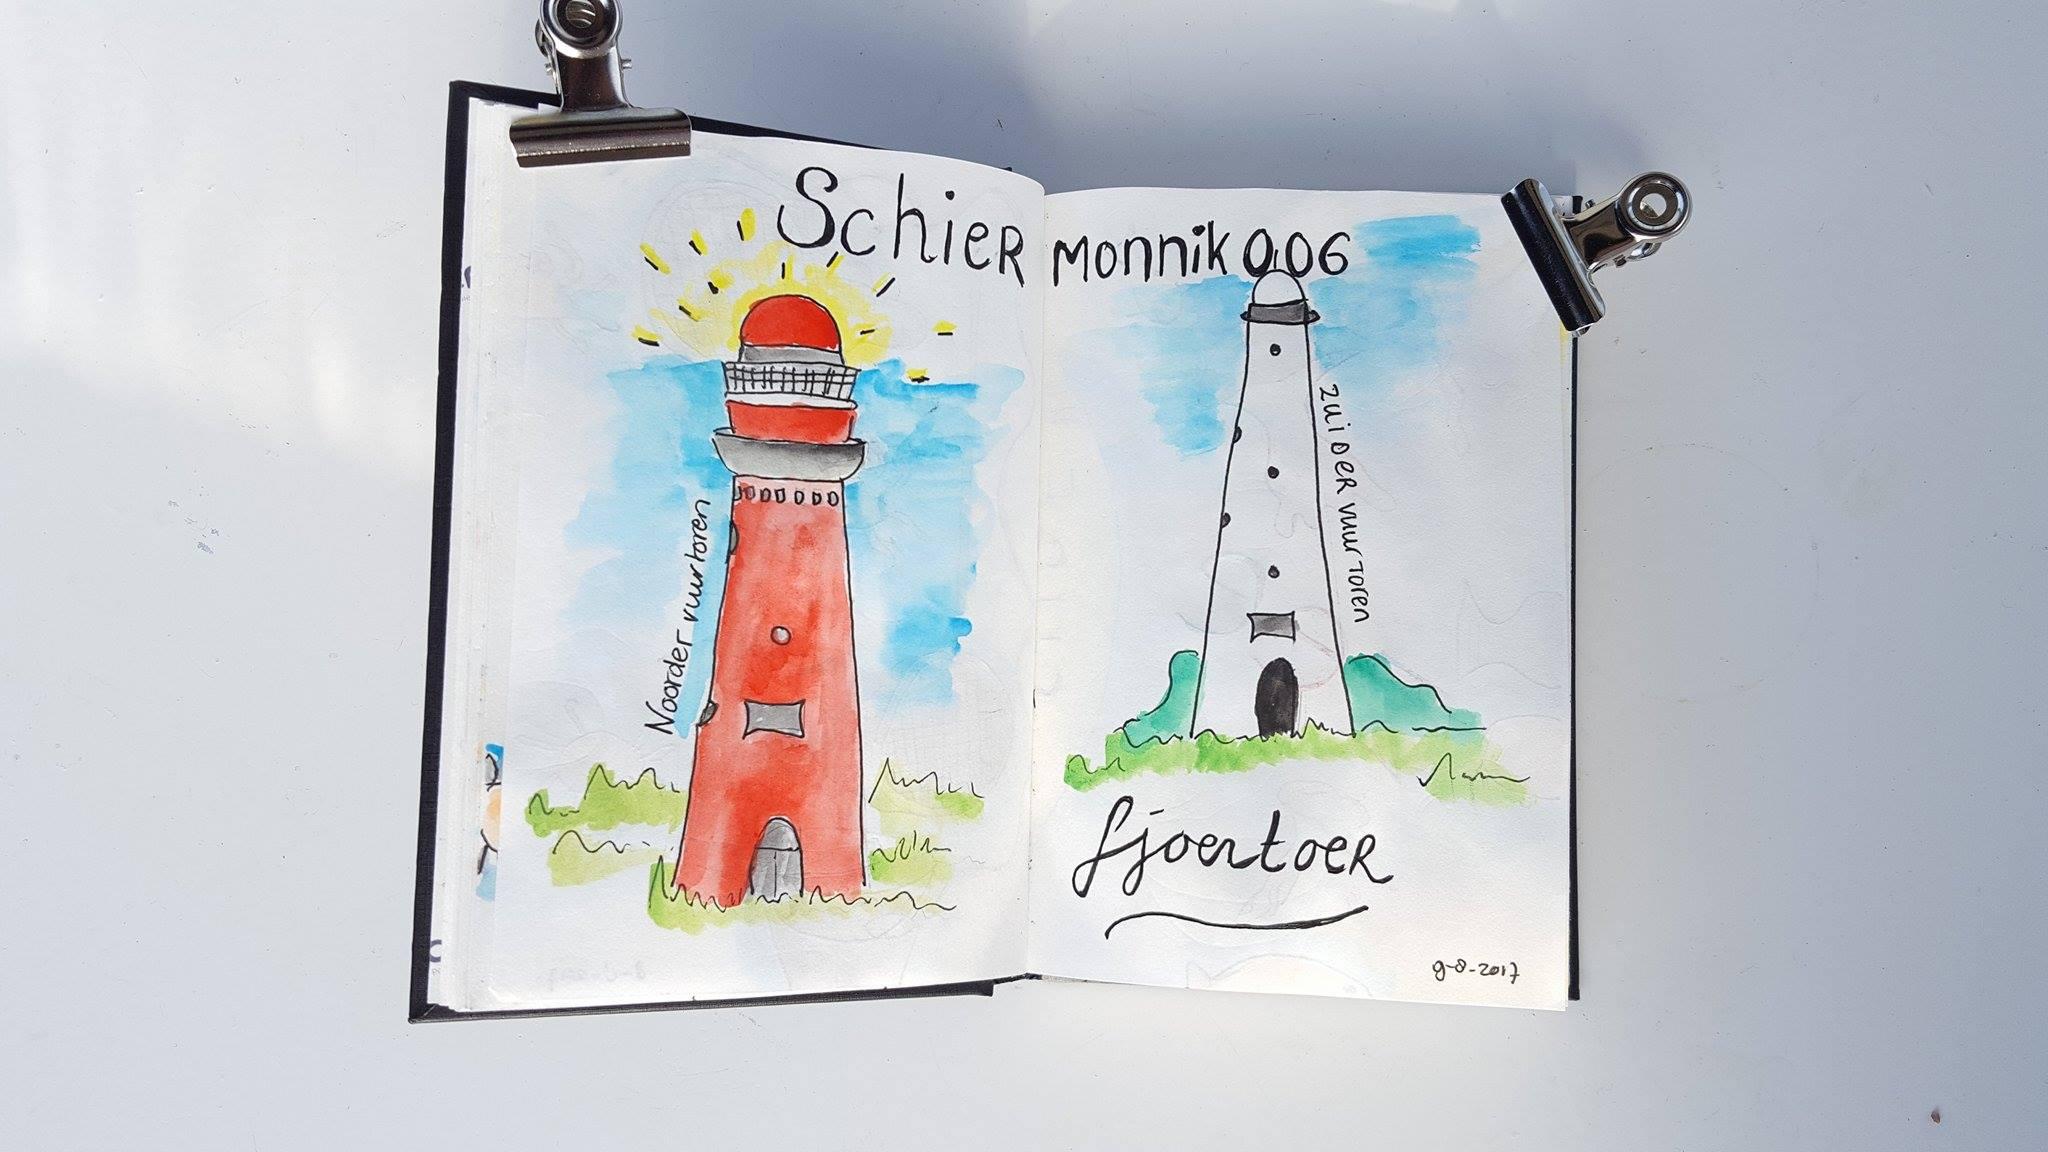 Liflotte dagboek Schier fjoertoer 2017